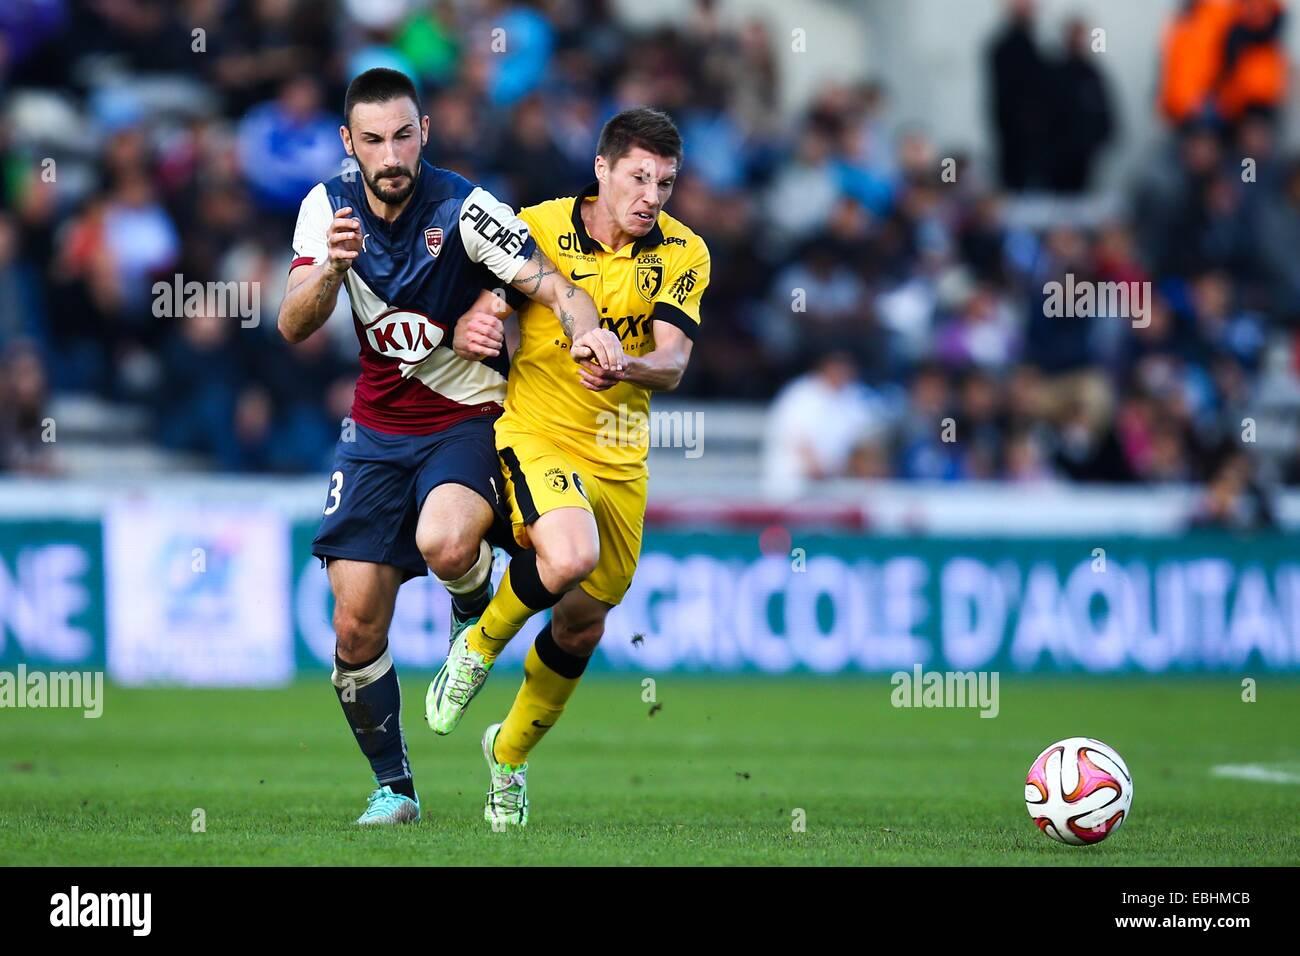 Diego Contento/Jonathan Deplace - 30.11.2014 - Bordeaux/Lille - 15eme journee de Ligue 1 Photo : Manuel Blondau/Icona Foto Stock